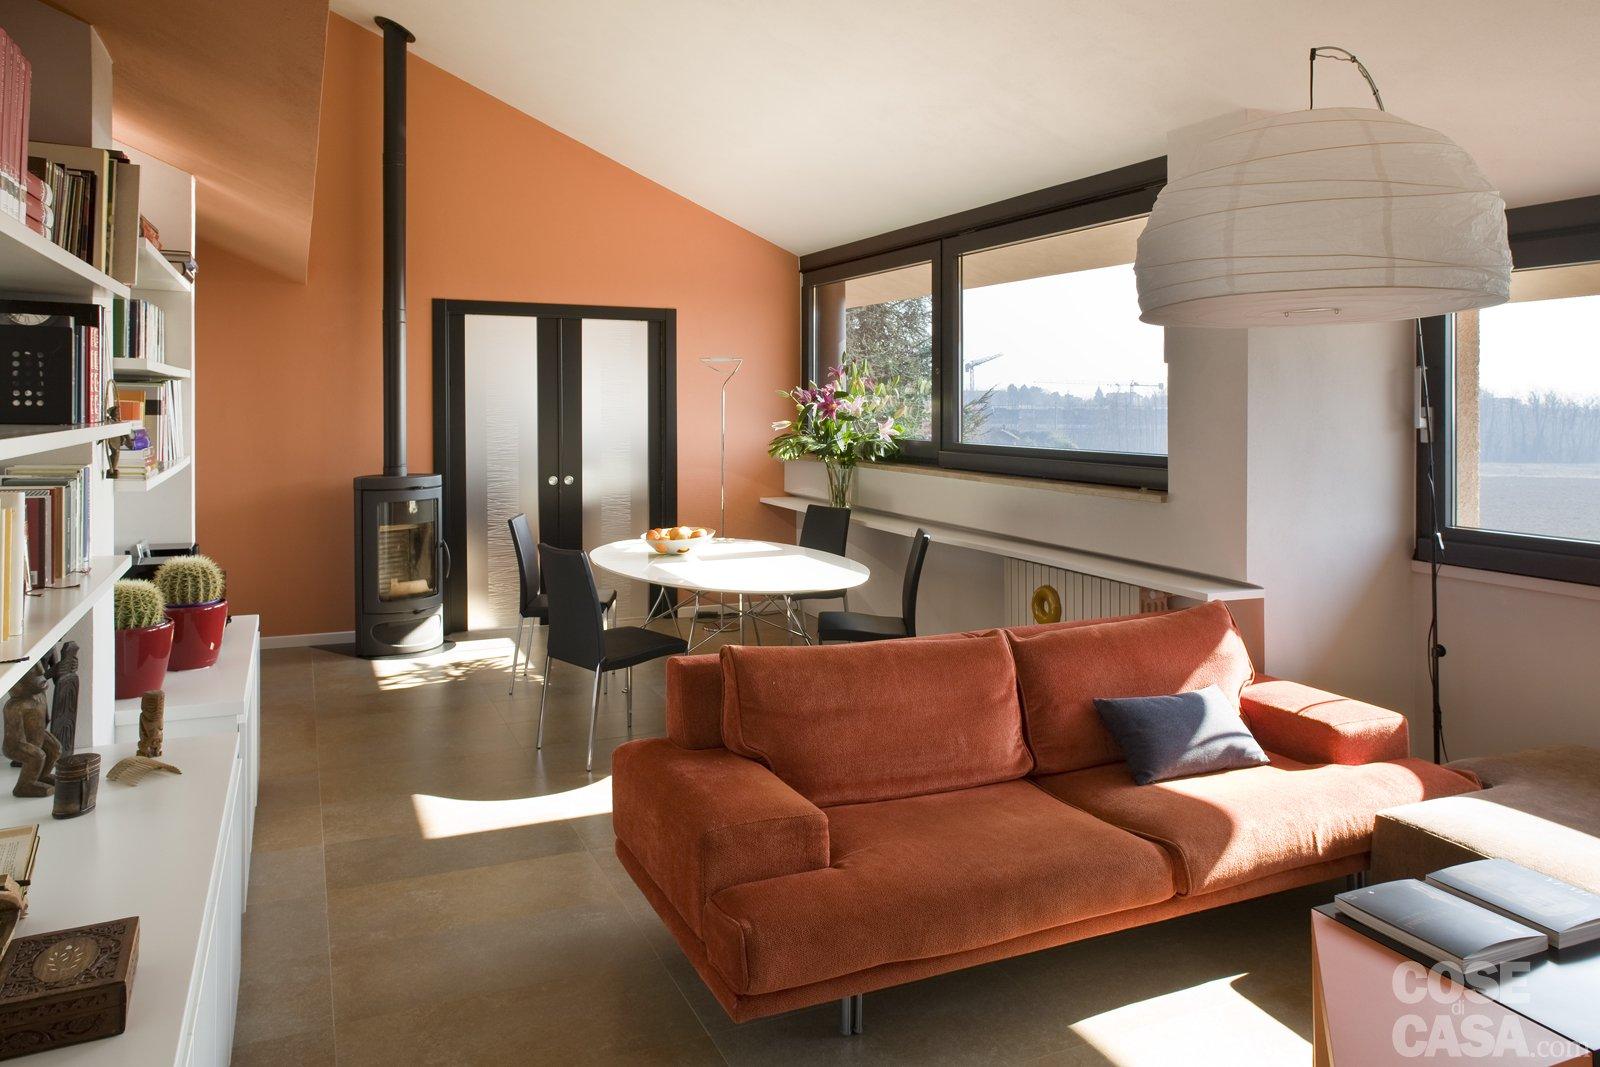 Arredamenti per terrazzo soluzione di arredi per terrazzi for Arredamenti esterni per terrazzi